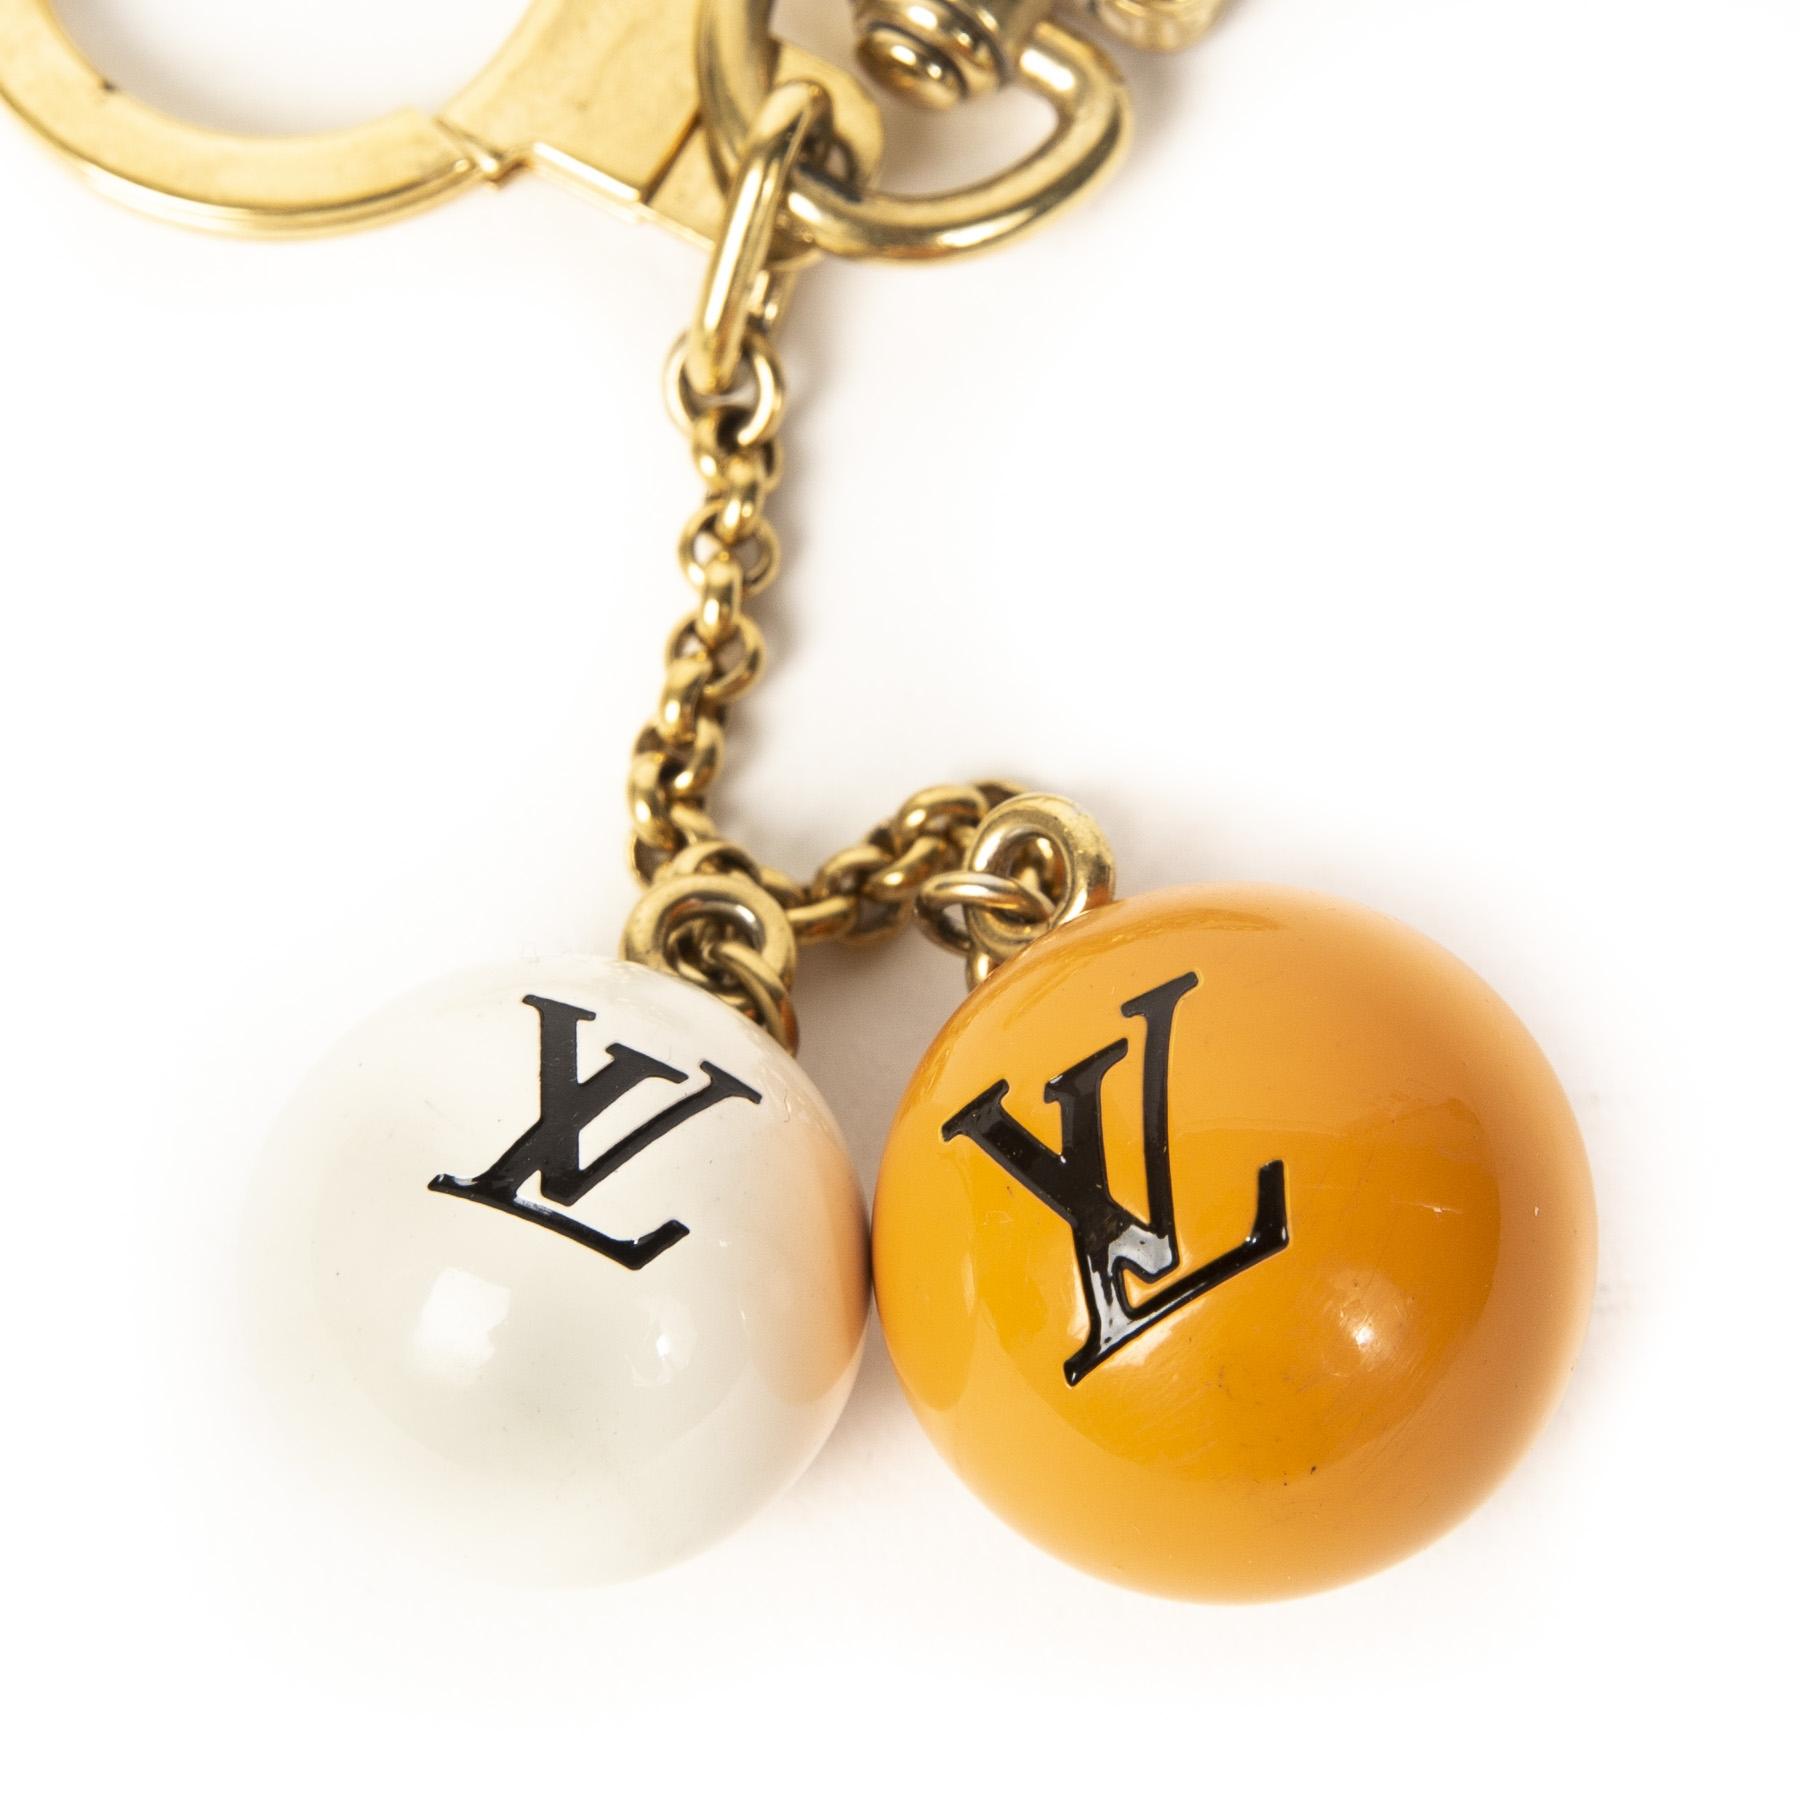 Authentieke Tweedehands Louis Vuitton Limited Edition Jack & Lucie Bag Charm juiste prijs veilig online shoppen luxe merken webshop mode fashion winkelen Antwerpen België